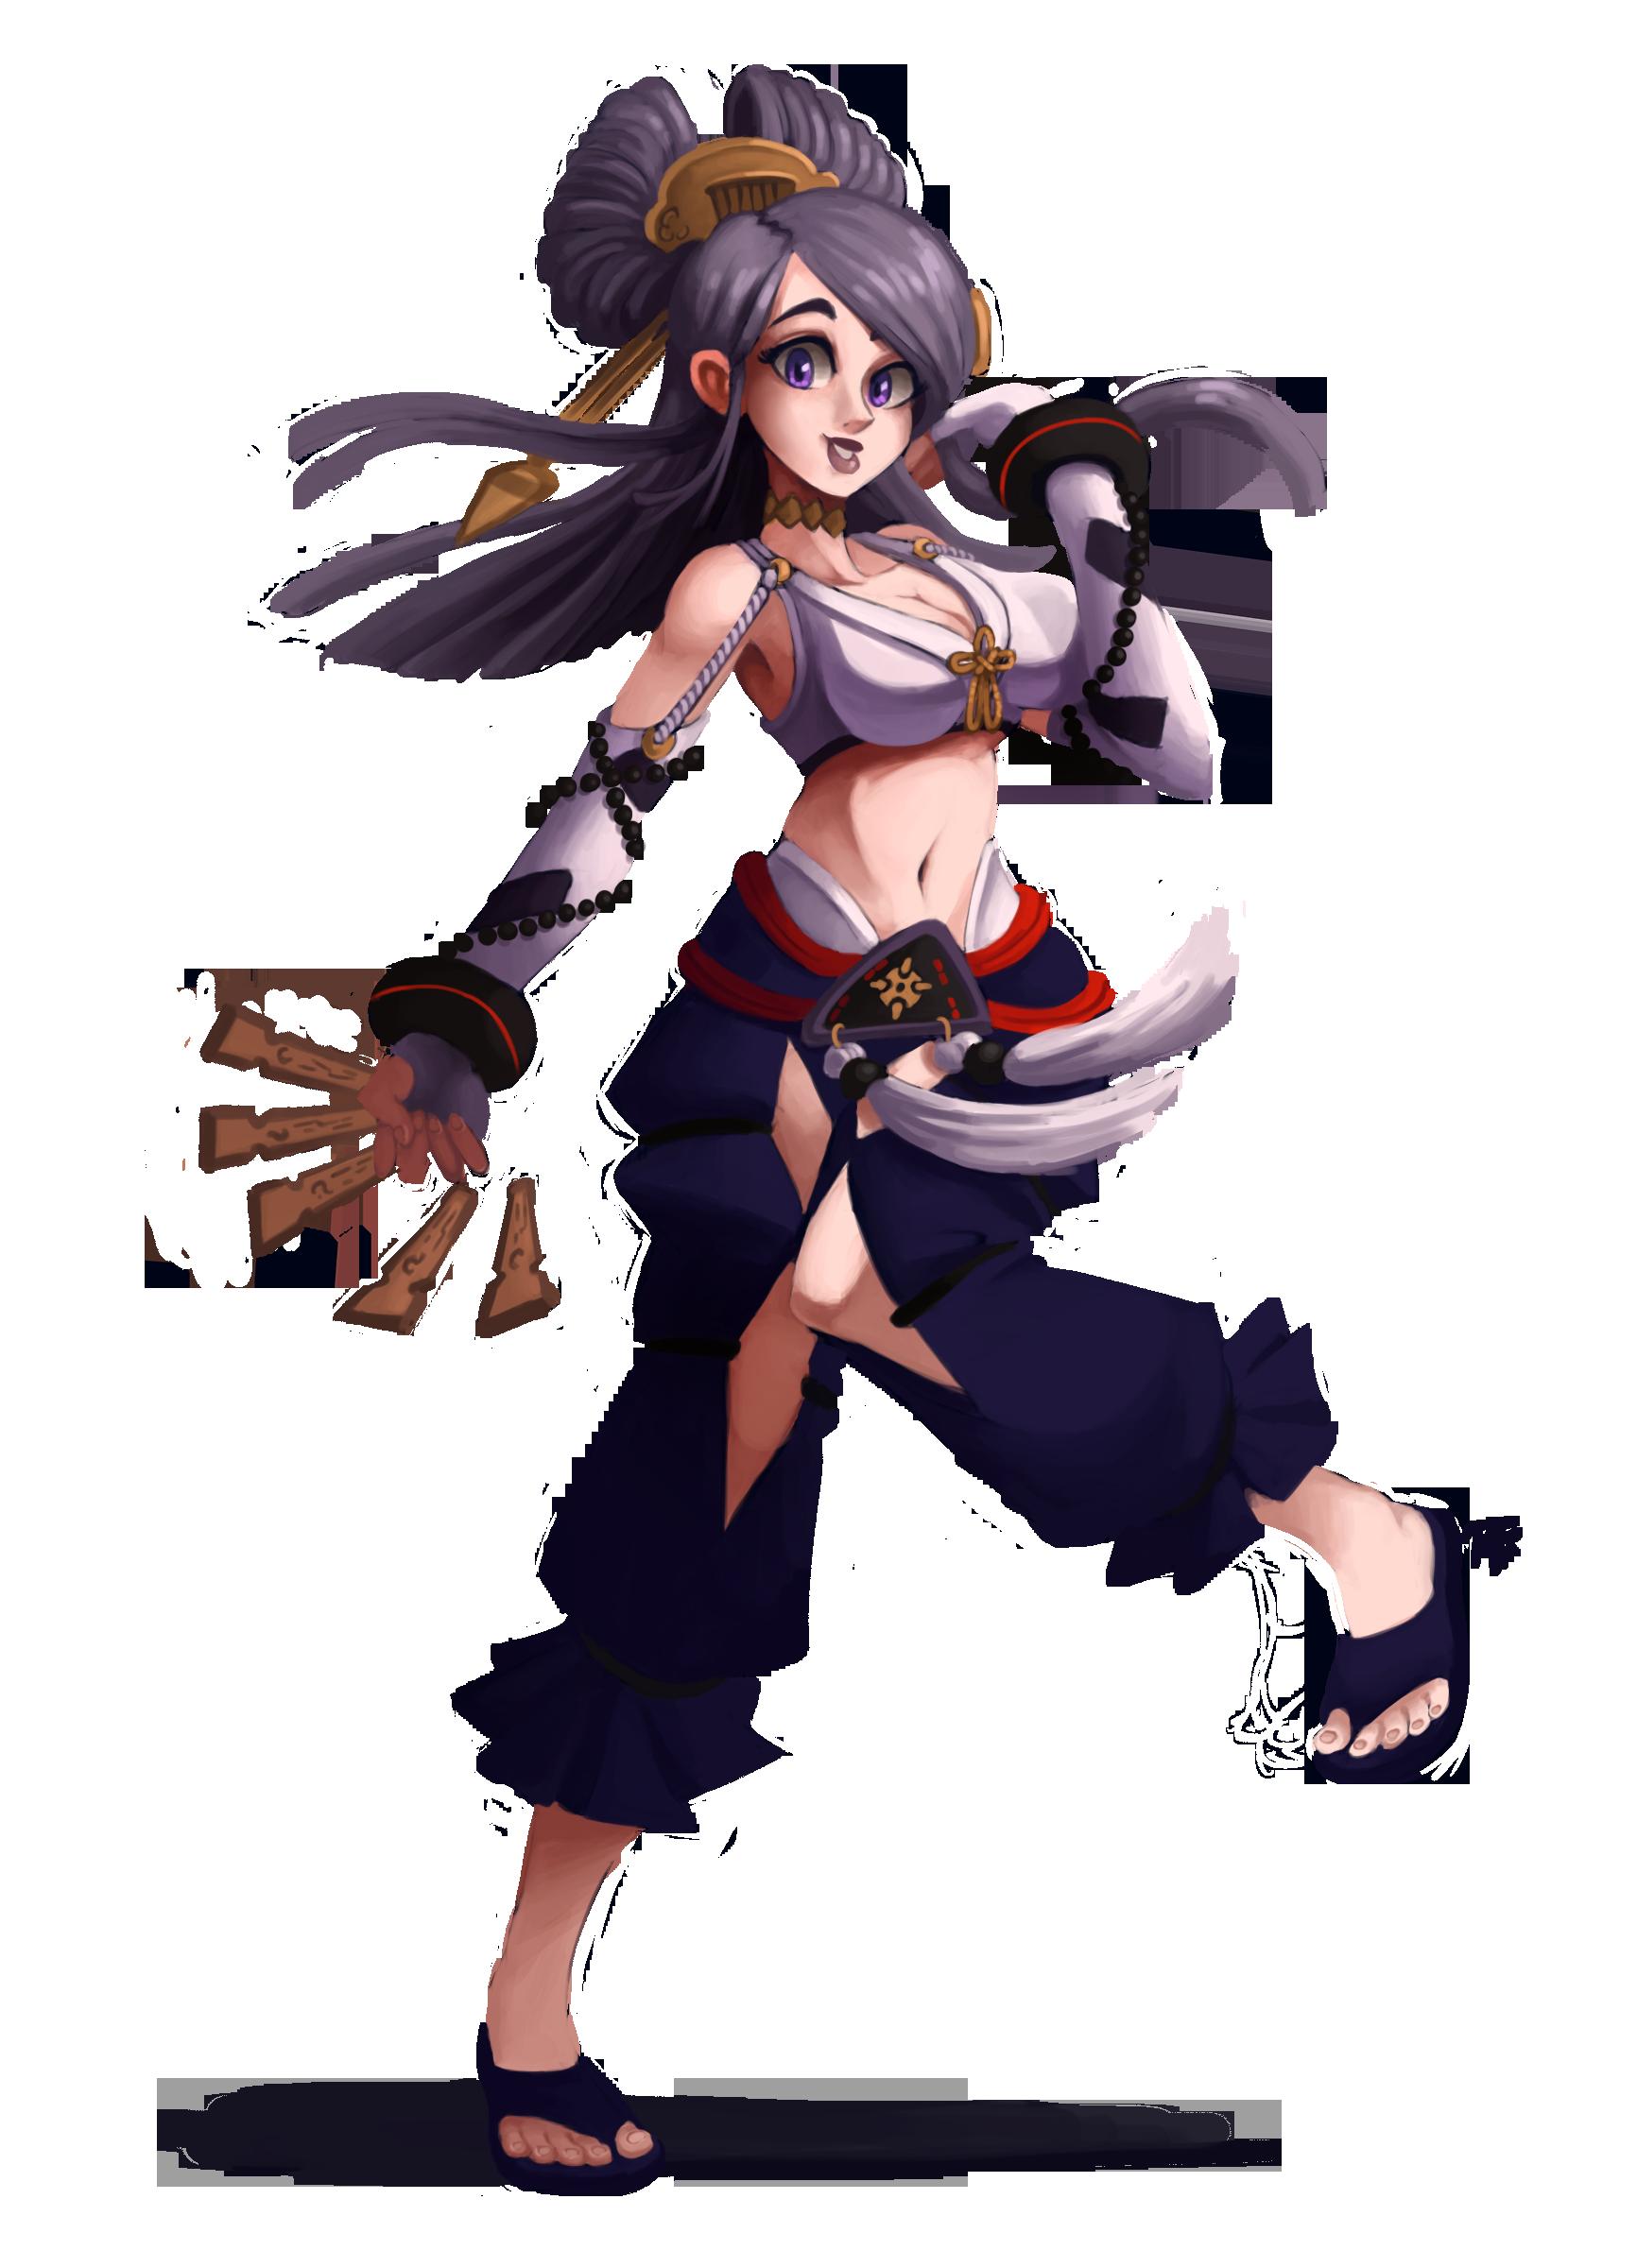 Orochi cosplay fire emblem